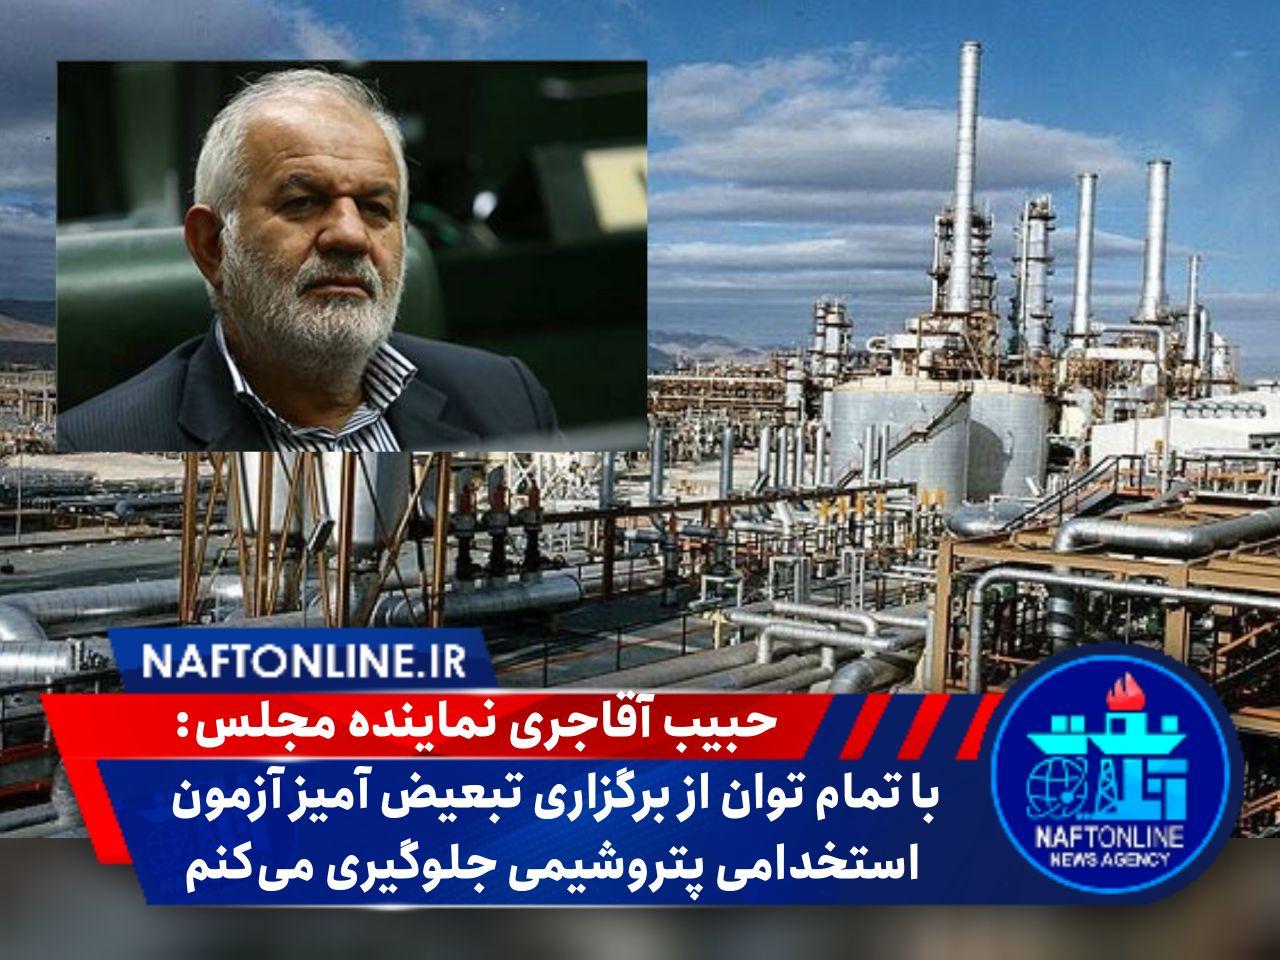 حبیب آقاجری نماینده مجلس | نفت آنلاین